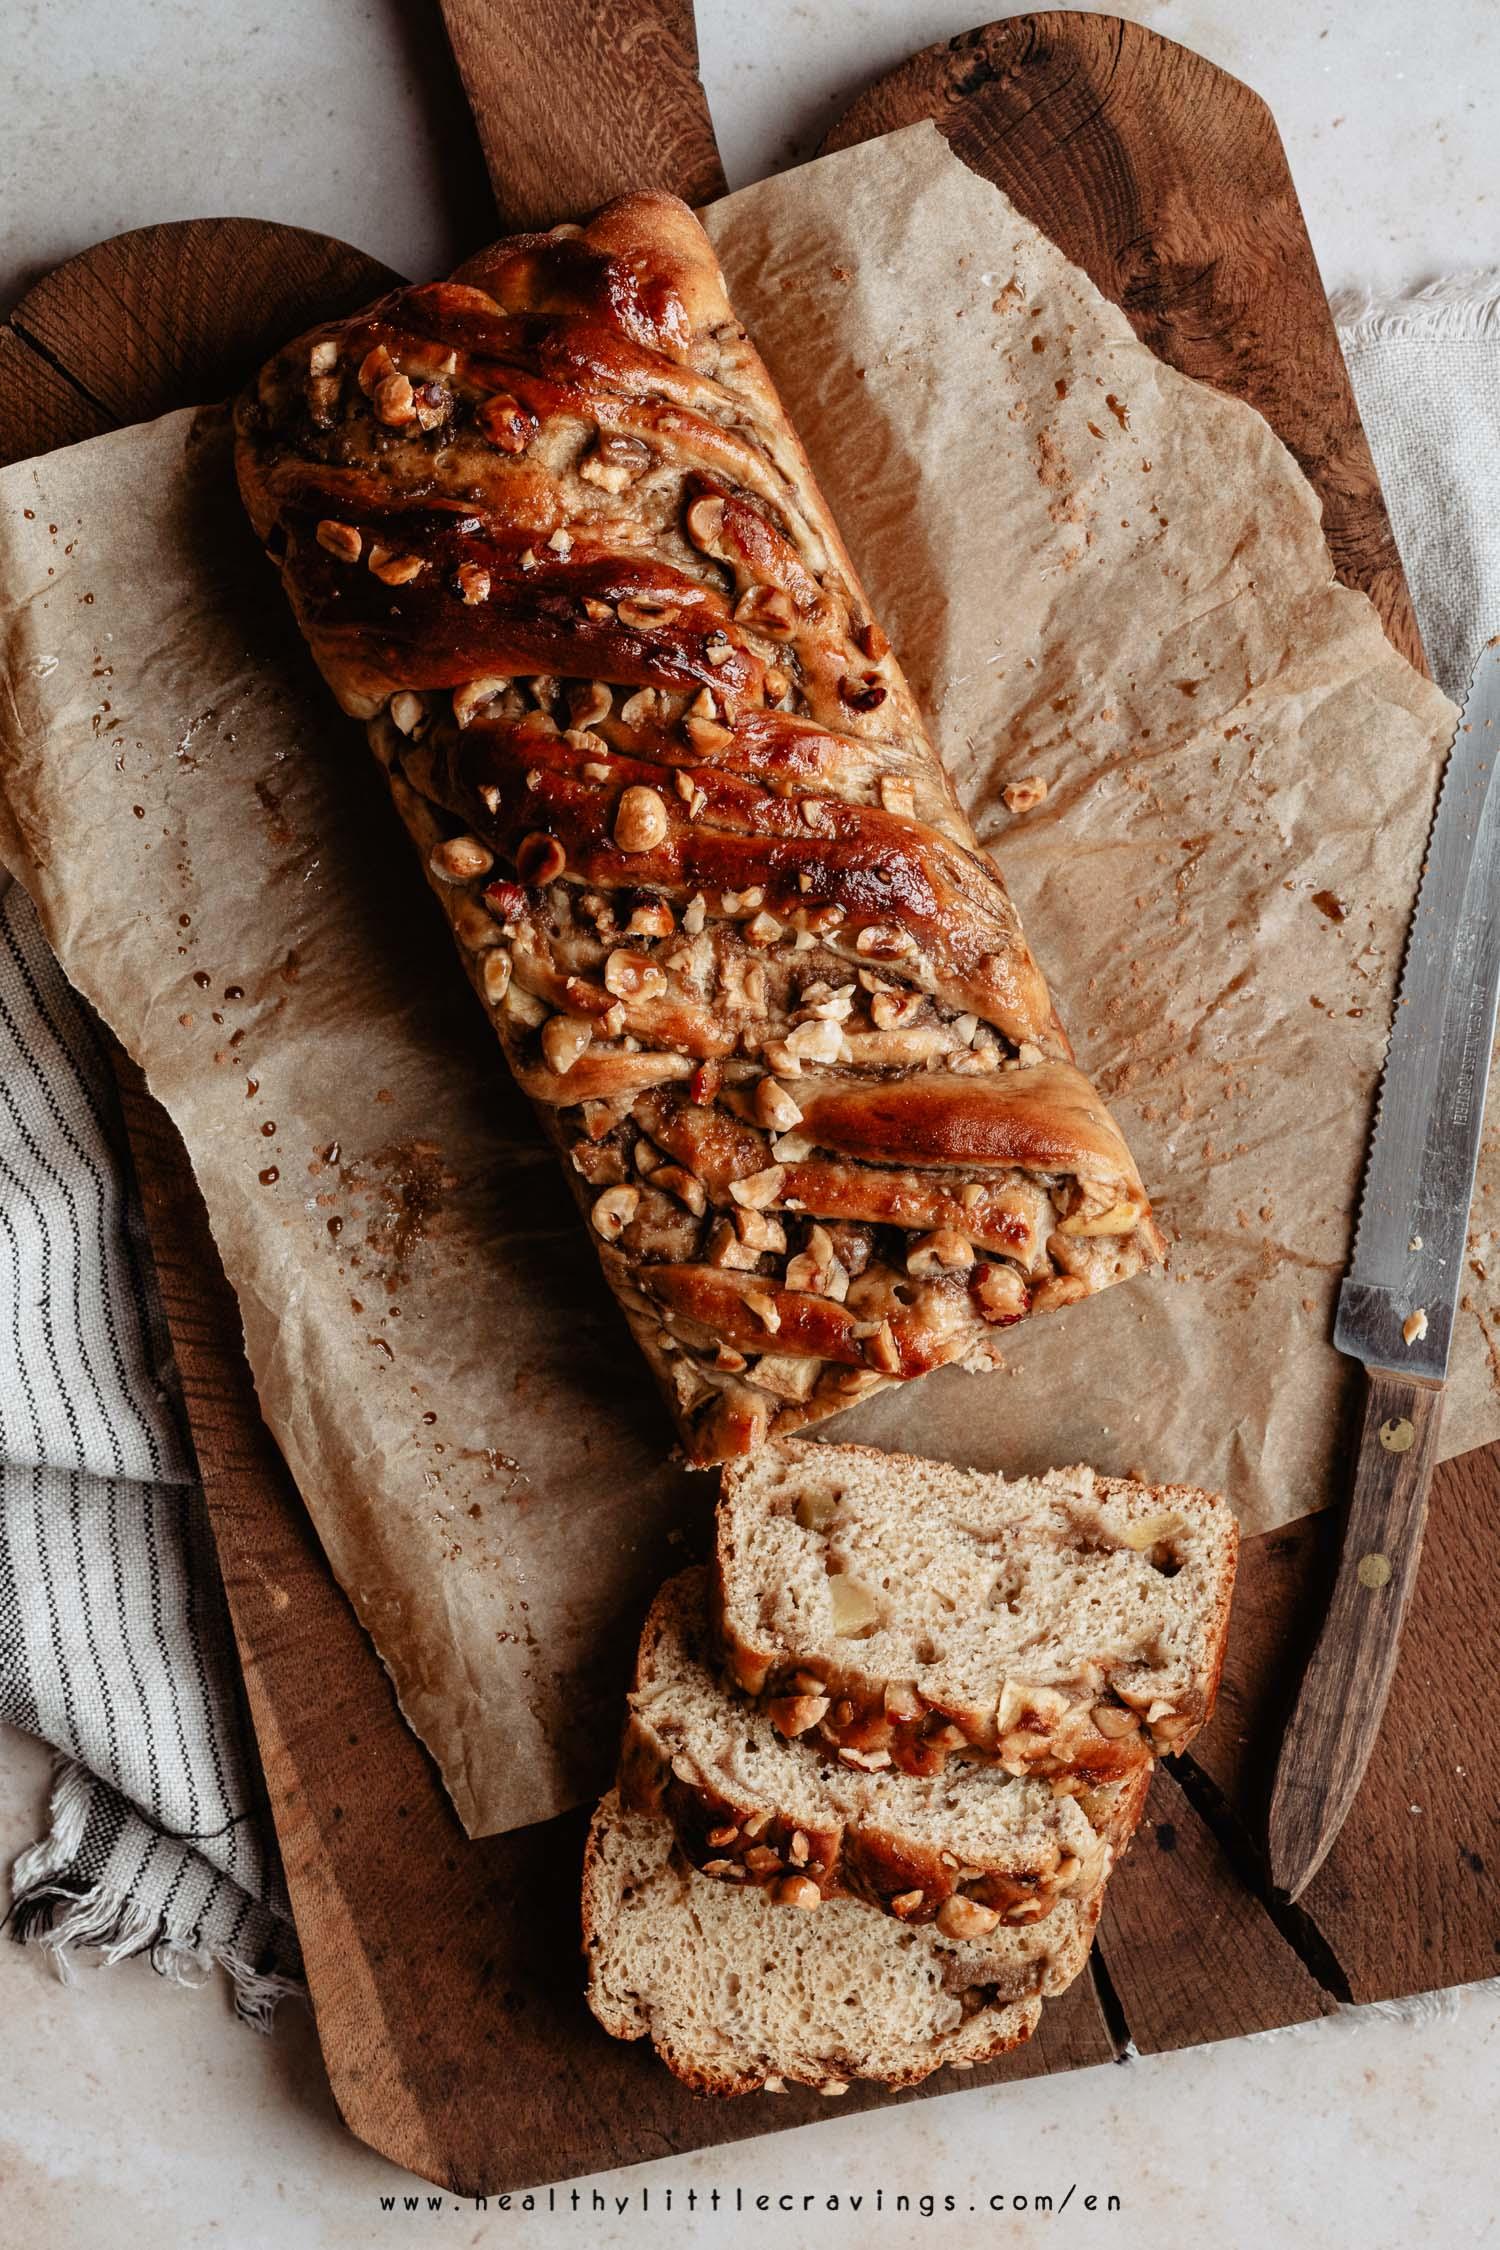 Homemade apple cinnamon babka on cutting board